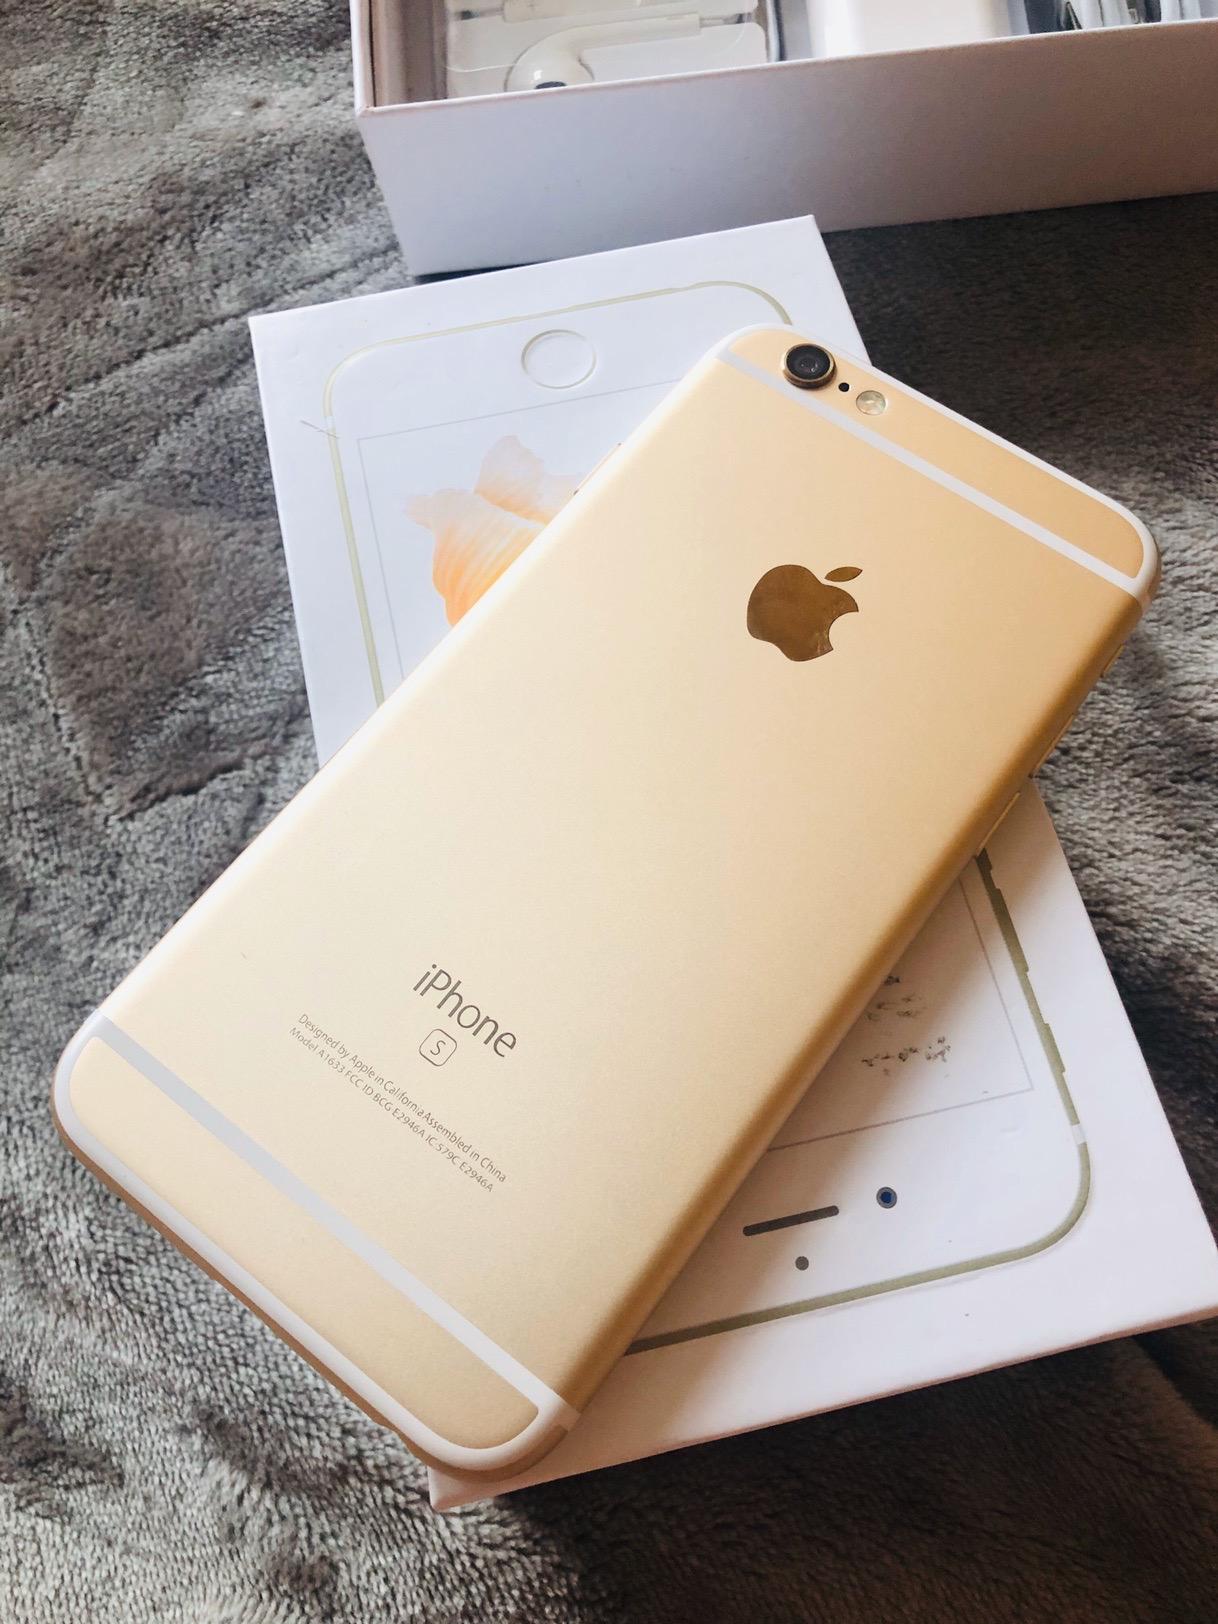 iPhone 6s на 32GB памяти , Состояние отличное, | Объявления Орска и Новотроицка №1865